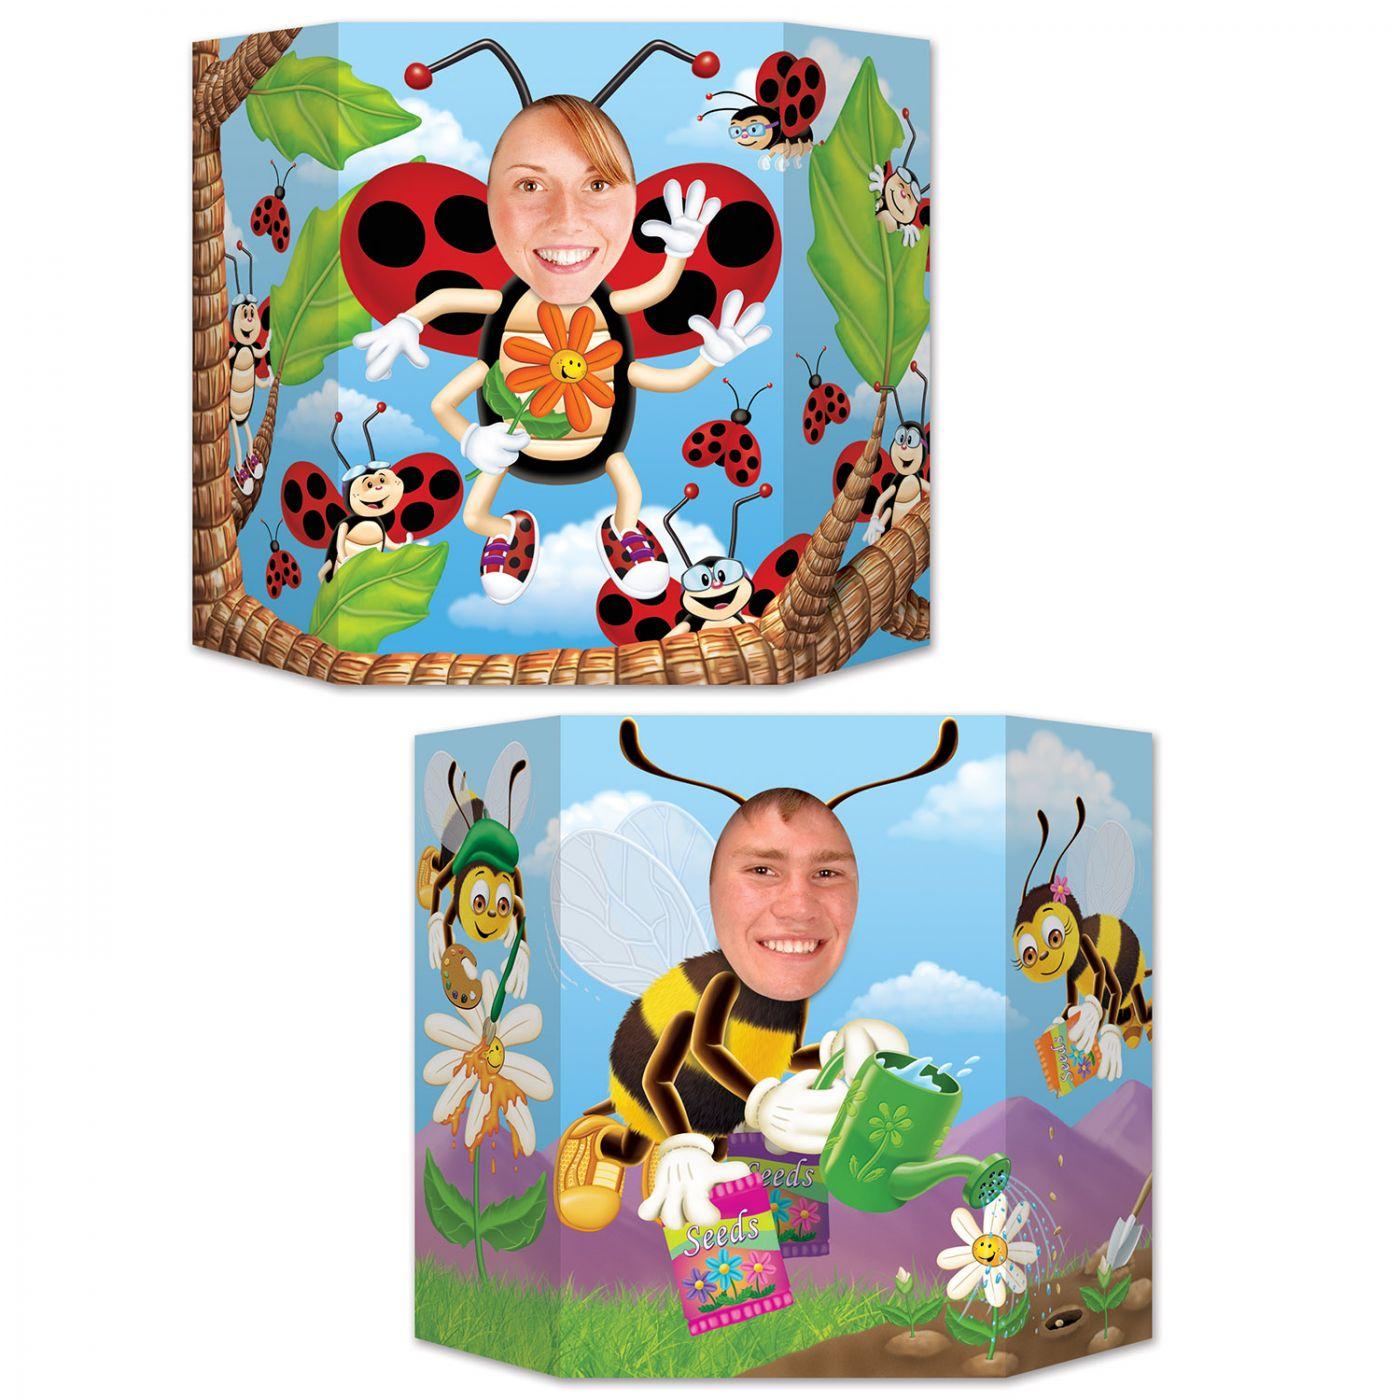 Ladybug/Bumblebee Photo Prop (6) image